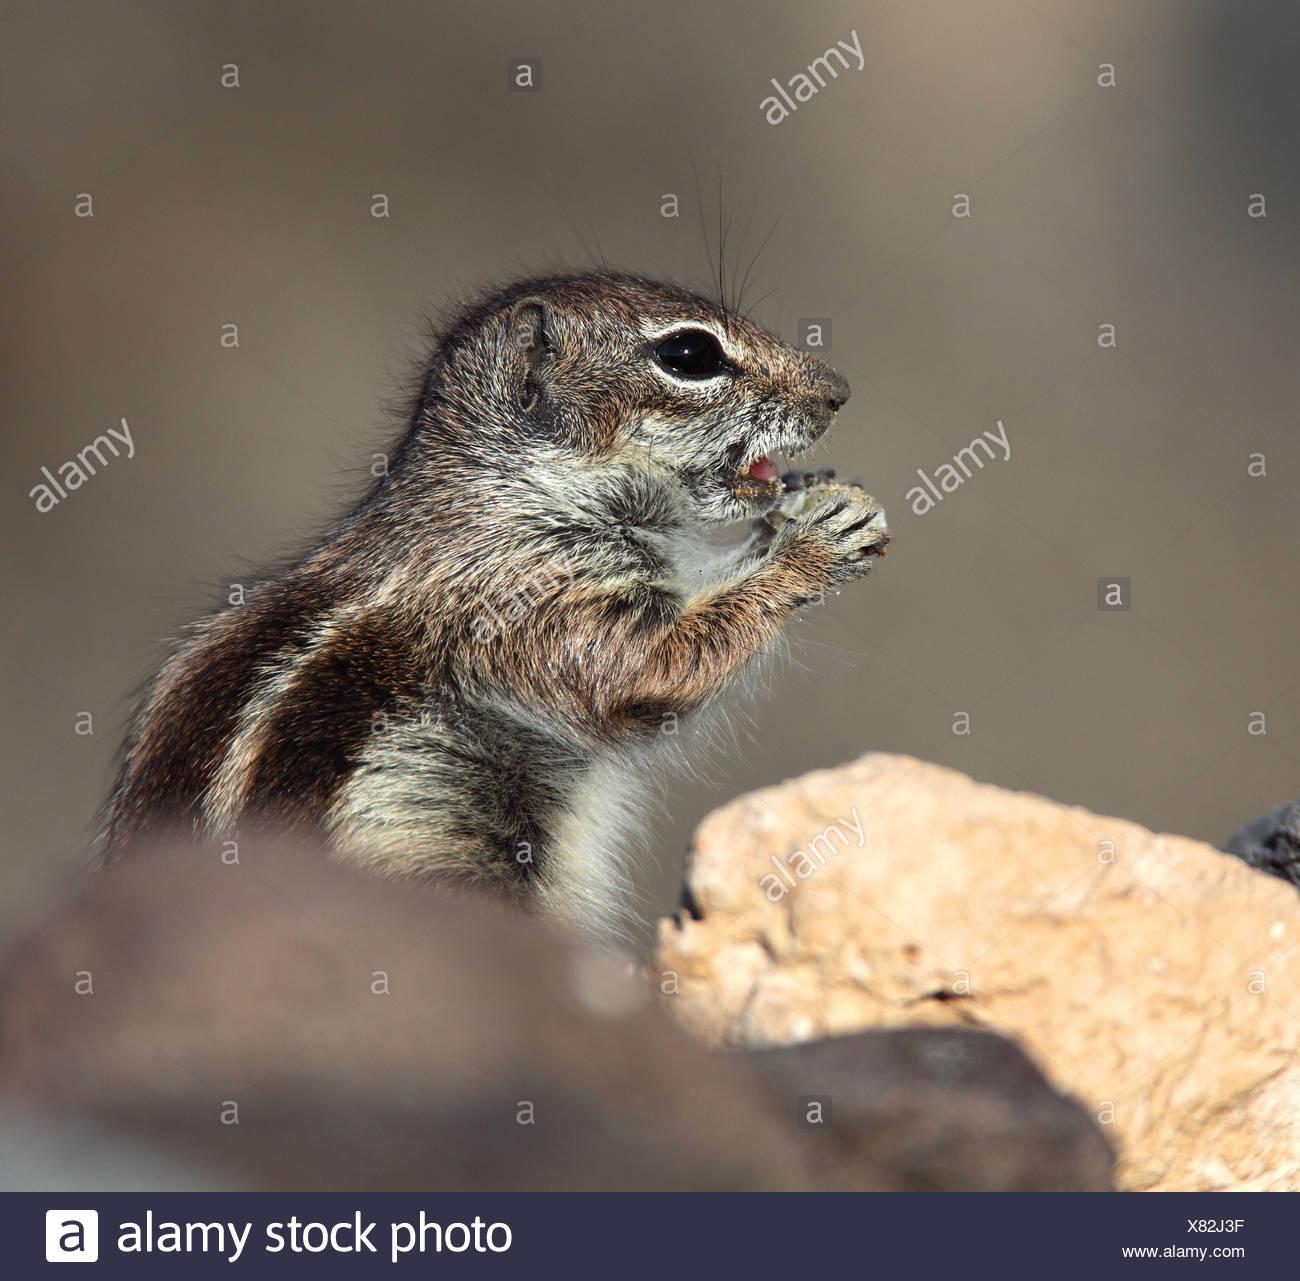 Suslik barbary, del norte de África suslik (Atlantoxerus getulus), situándose entre las piedras de alimentación, Fuerteventura, Islas Canarias Imagen De Stock